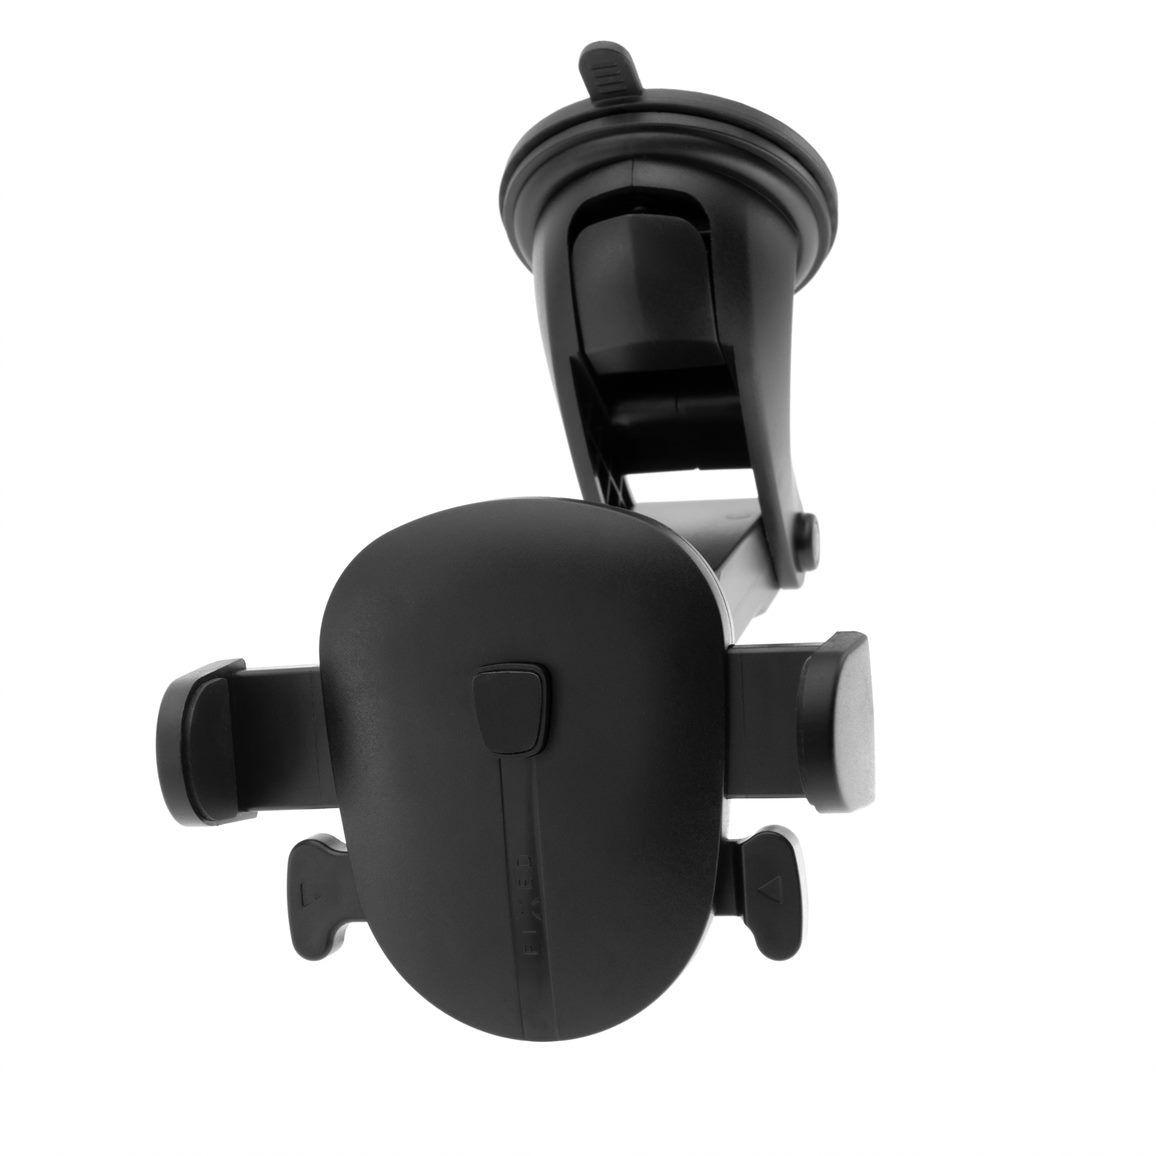 Univerzální držák FIXED Click XL s dlouhou přísavkou na sklo nebo palubní desku, černá